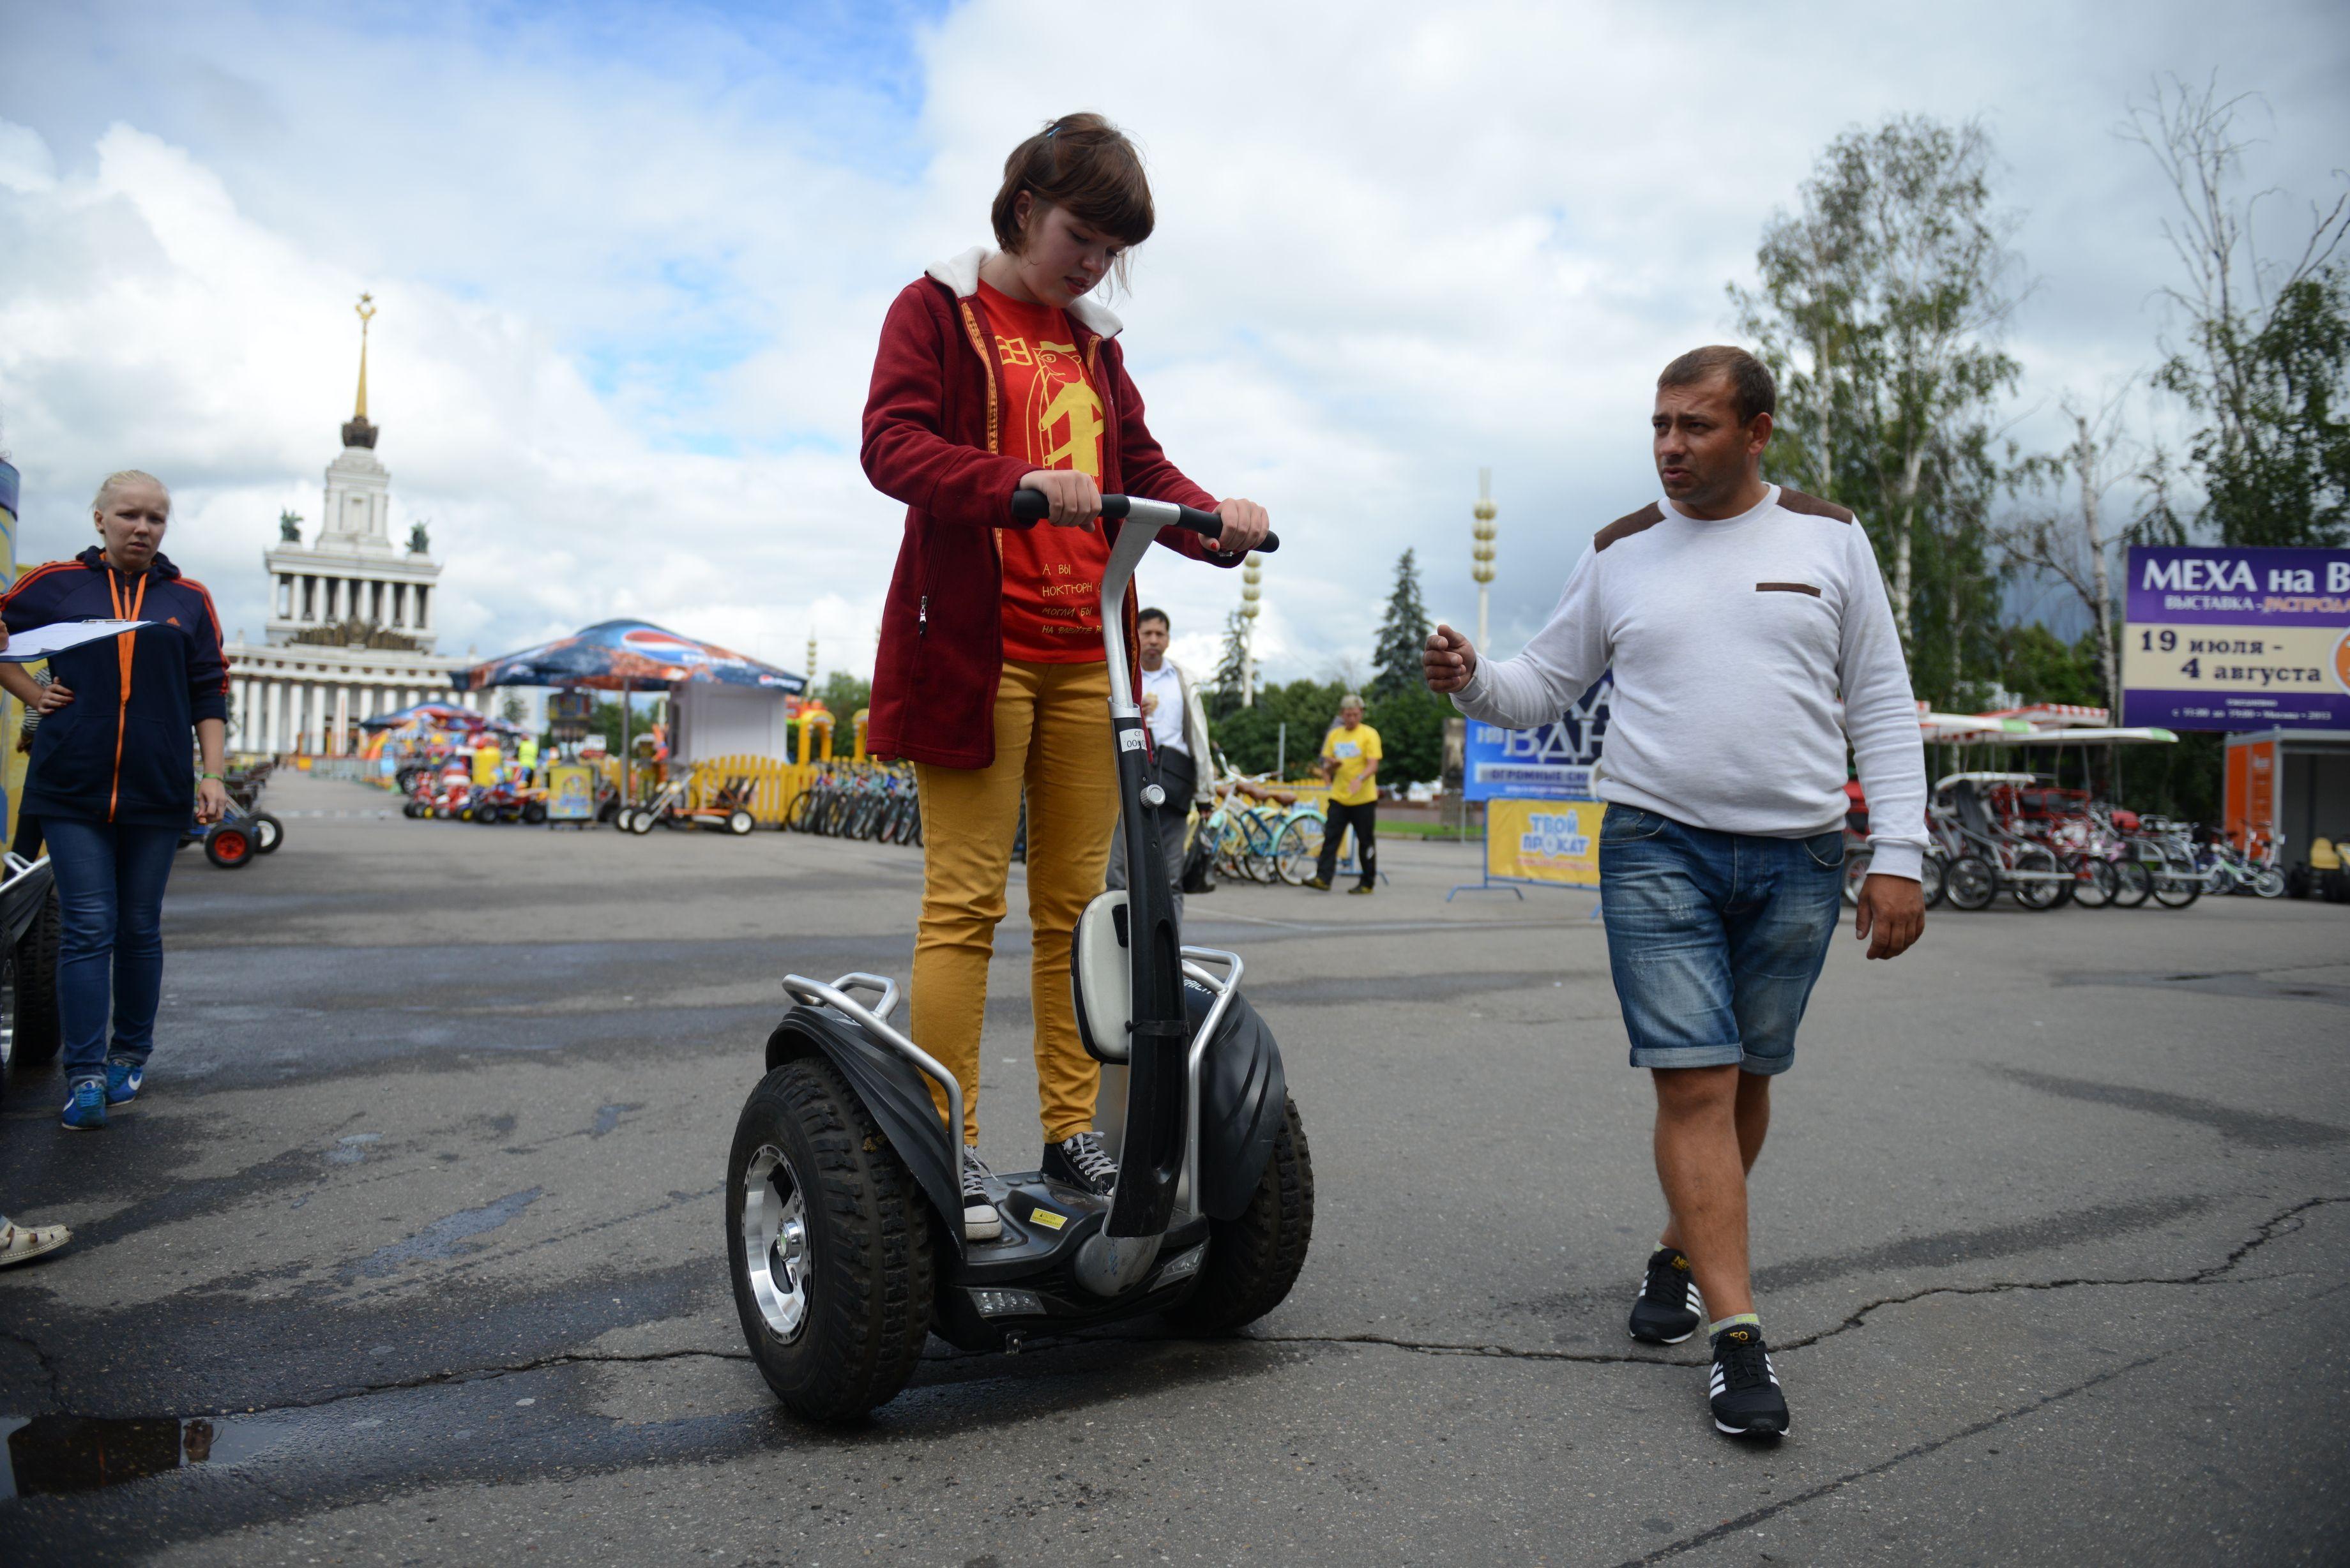 Активные москвичи смогут бесплатно арендовать сигвей или катамаран